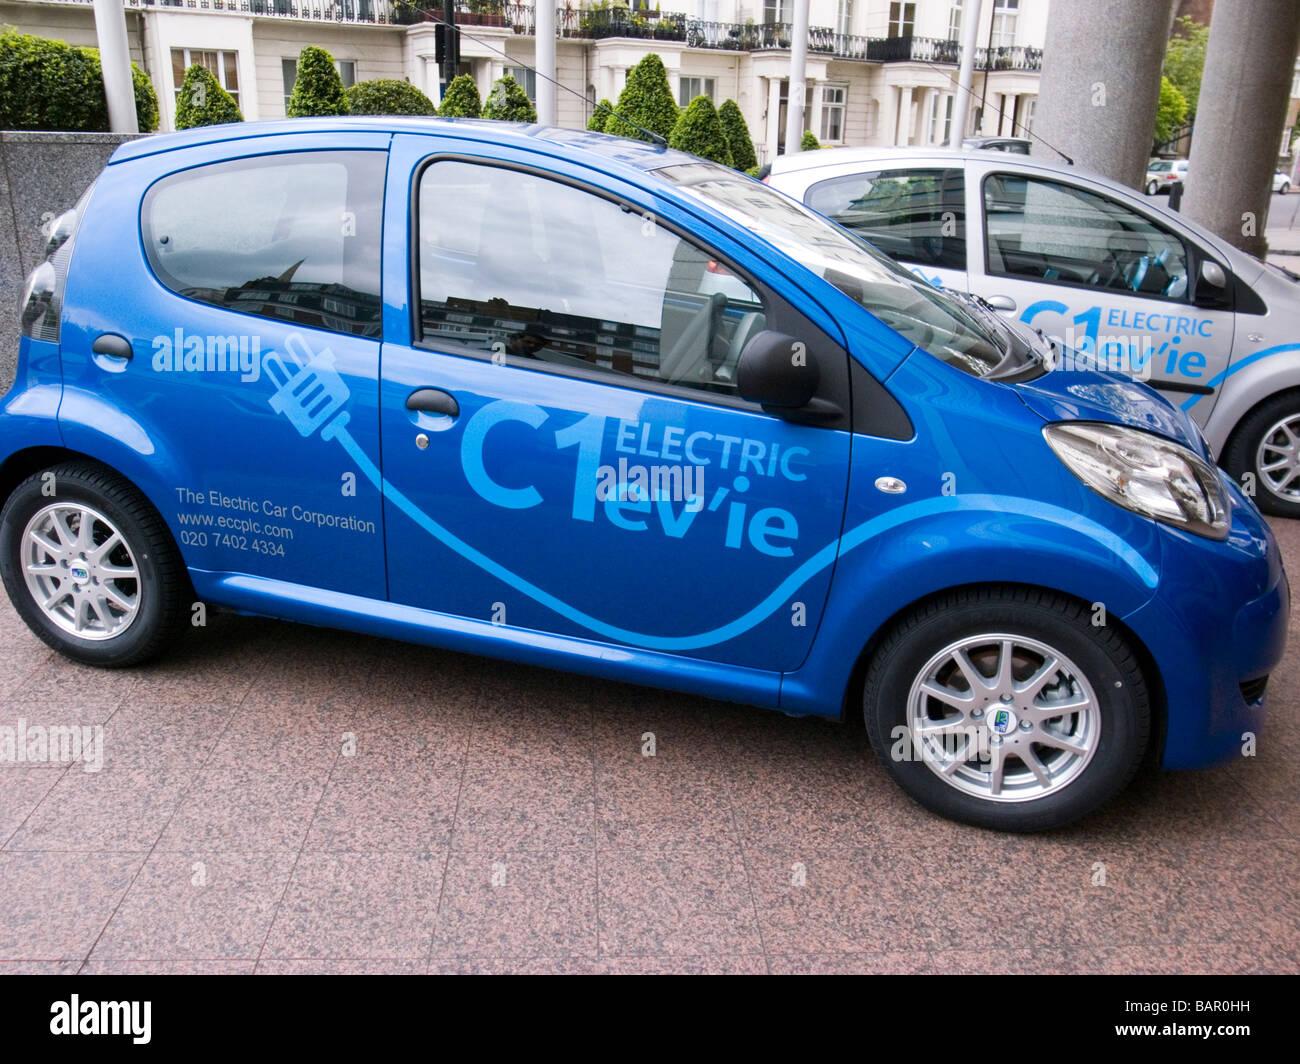 C1 ev'ie auto elettrica basato su Citroen C1 dall'auto elettrica Corporation, lanciato a Londra il 30 aprile Immagini Stock